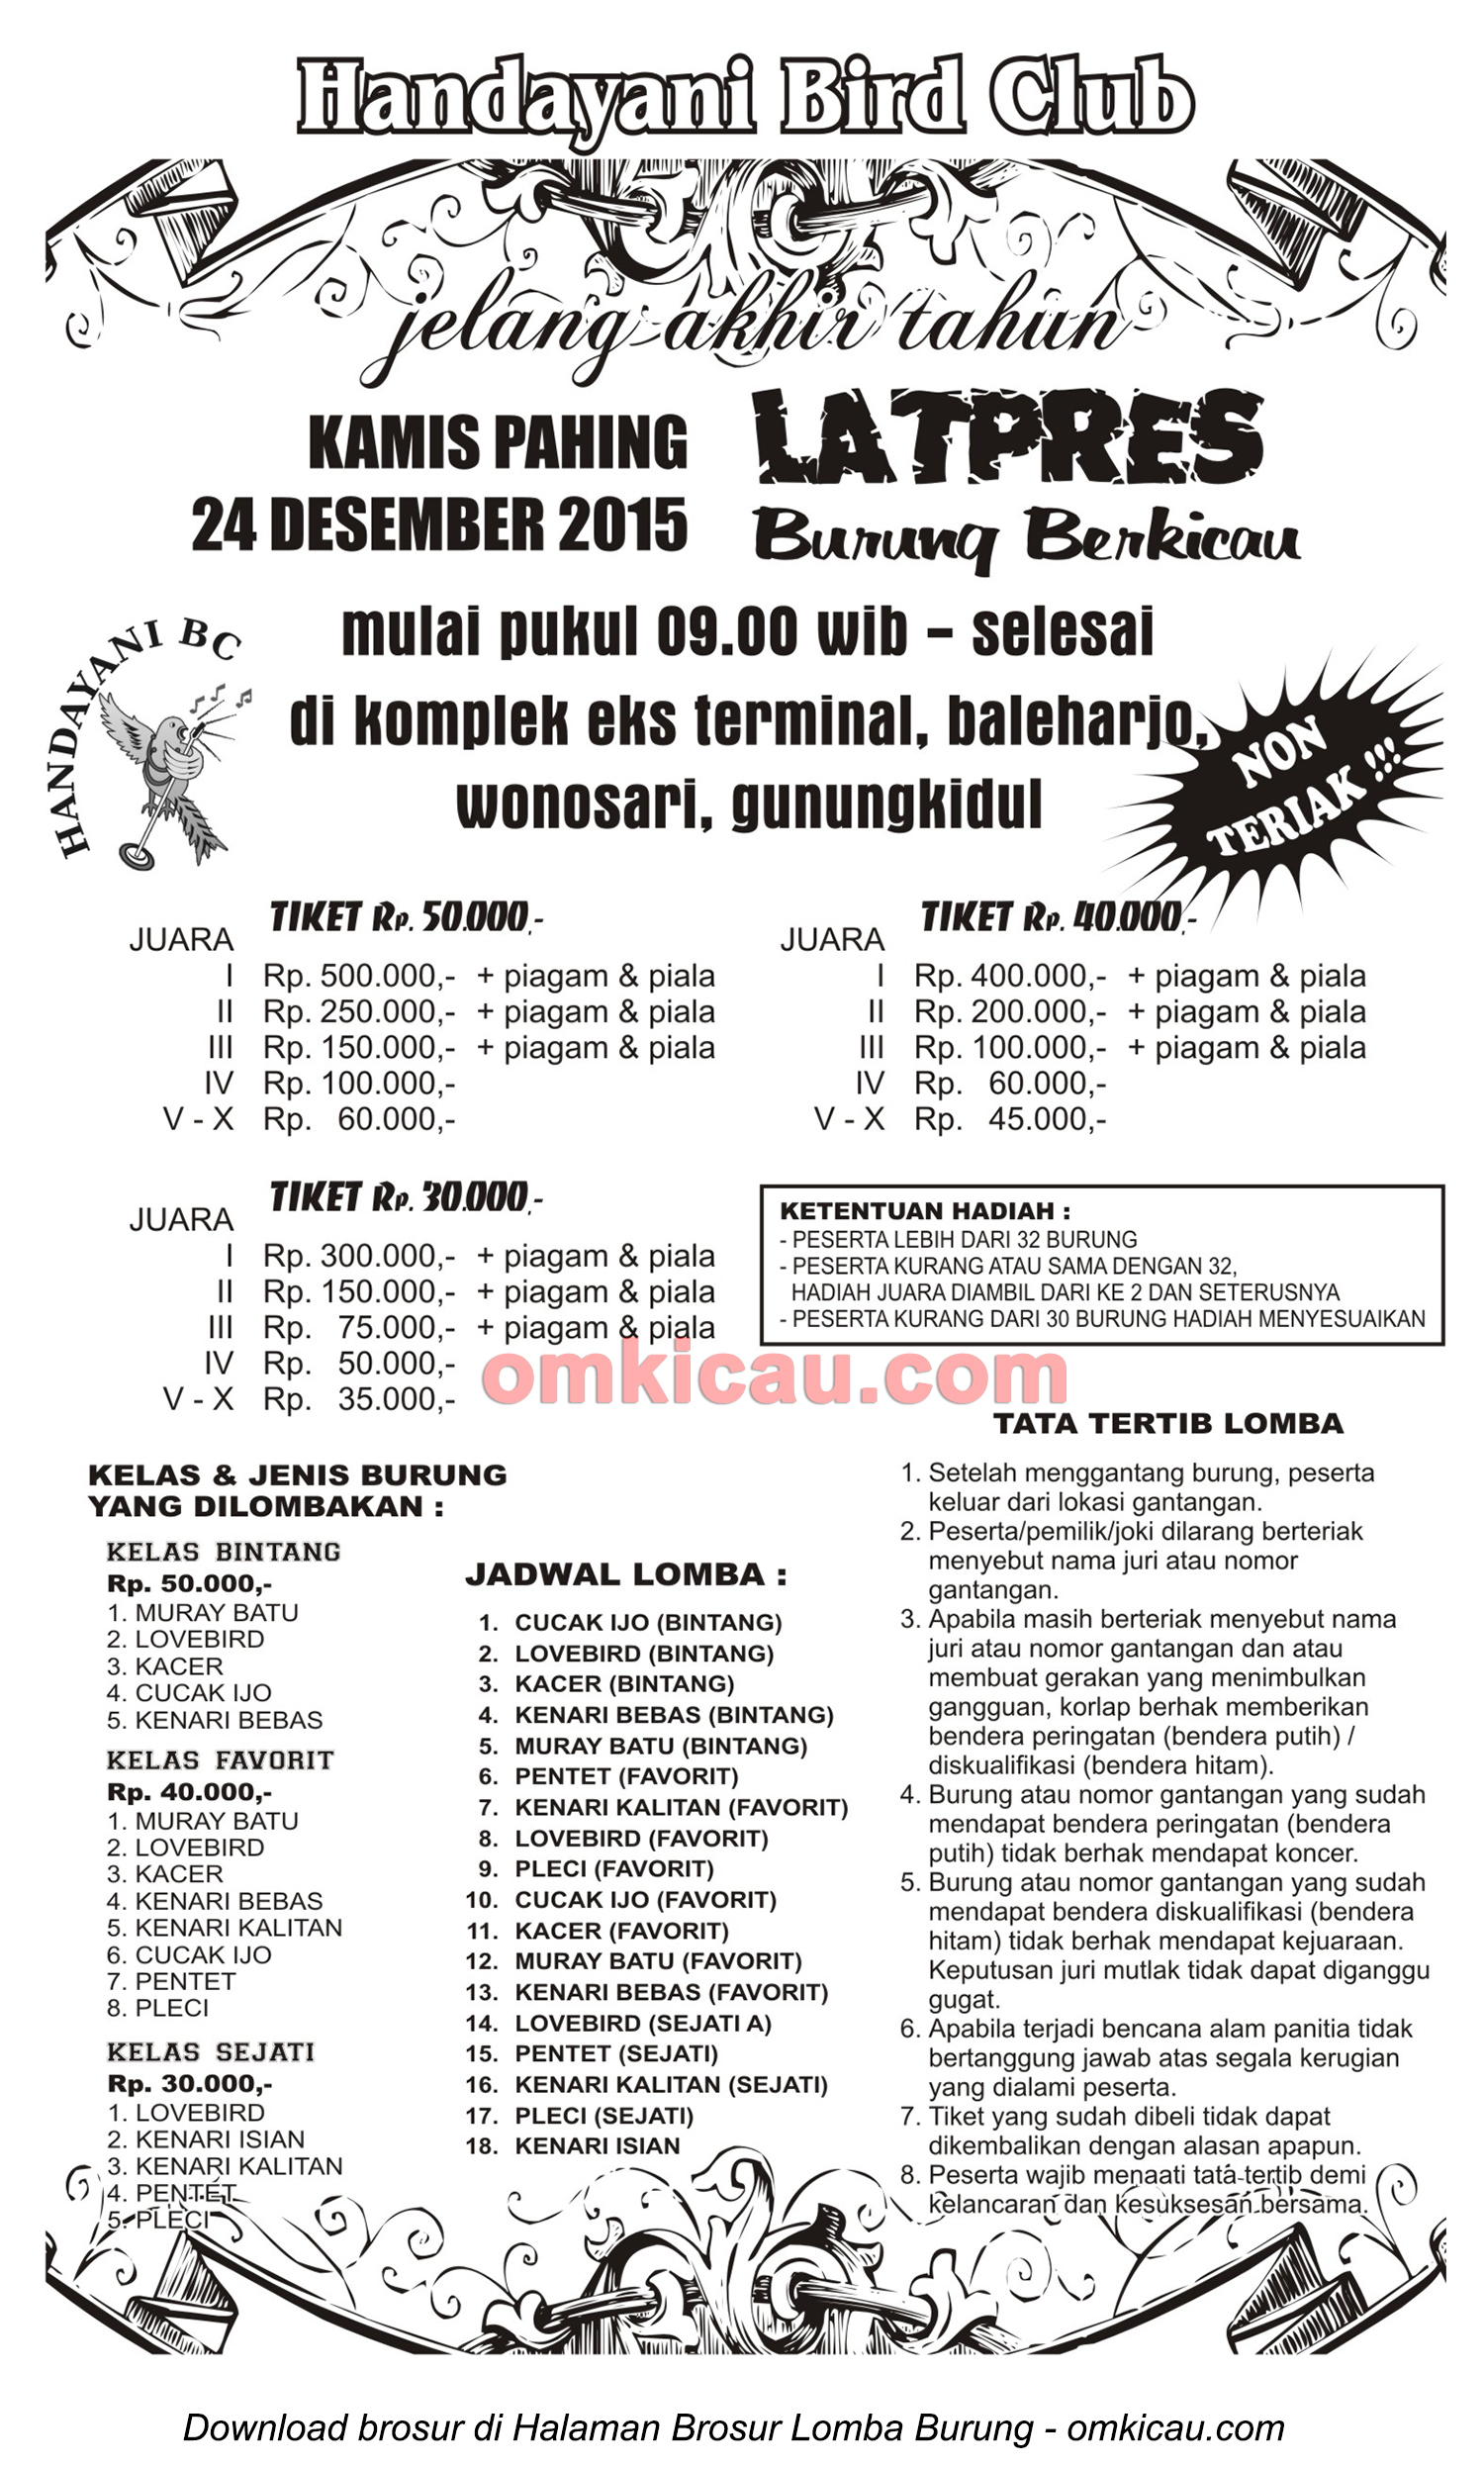 Brosur Latpres Burung Berkicau Handayani BC, Gunungkidul, 24 Desember 2015